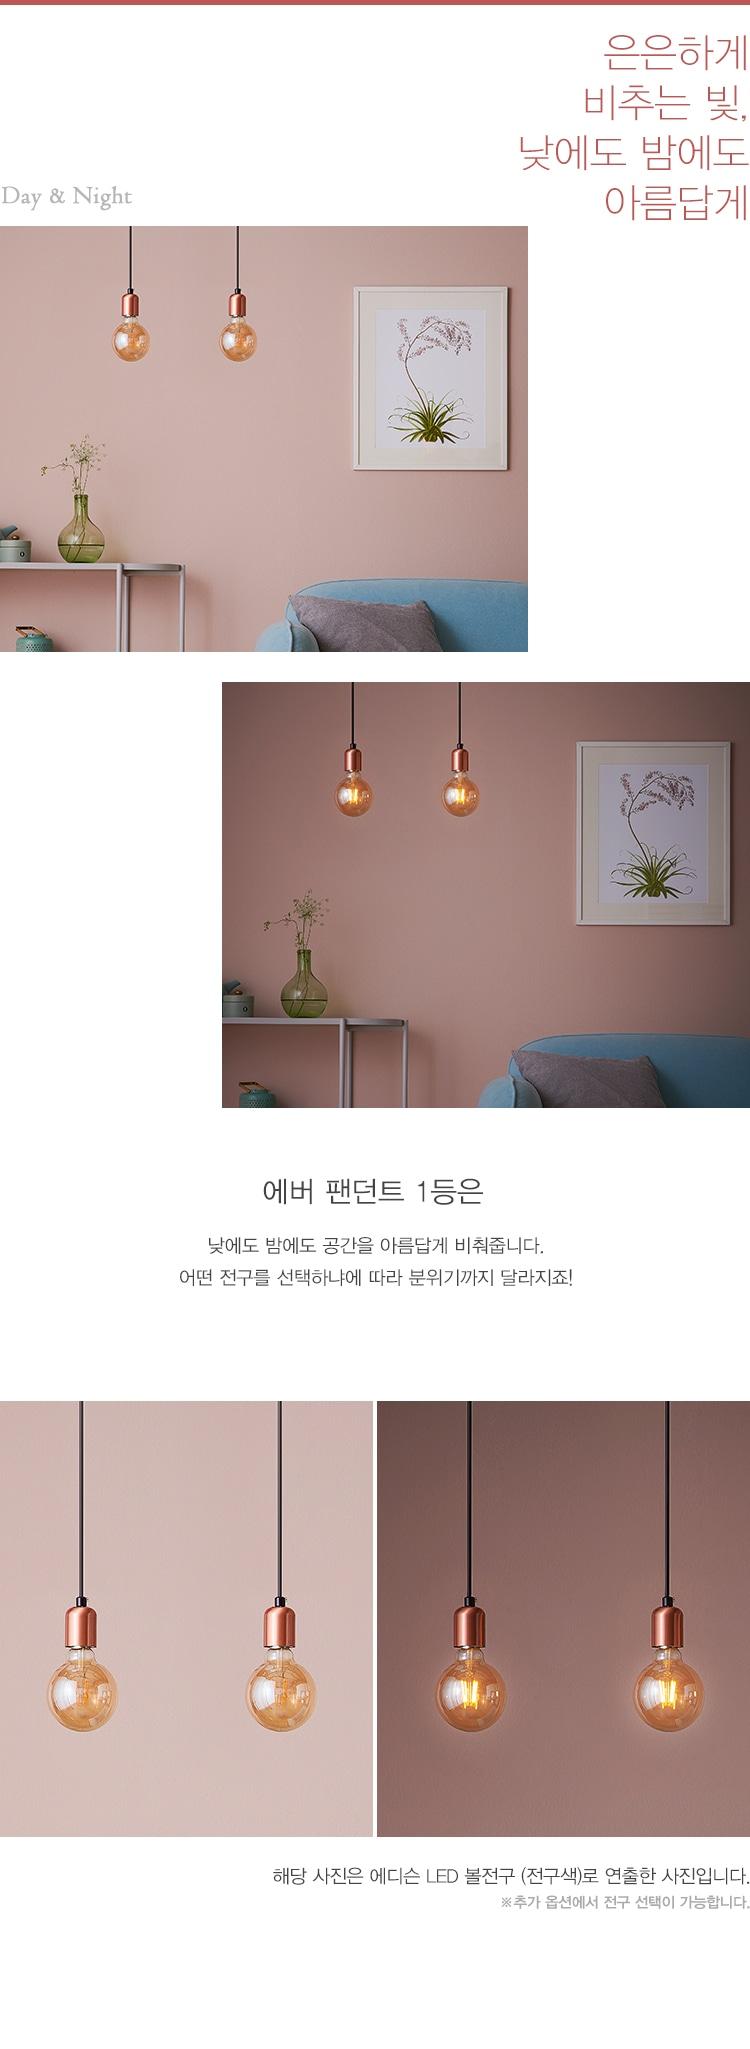 [한샘] 에버 팬던트 1등(DIY)_로즈골드 - 한샘, 12,900원, 디자인조명, 팬던트조명